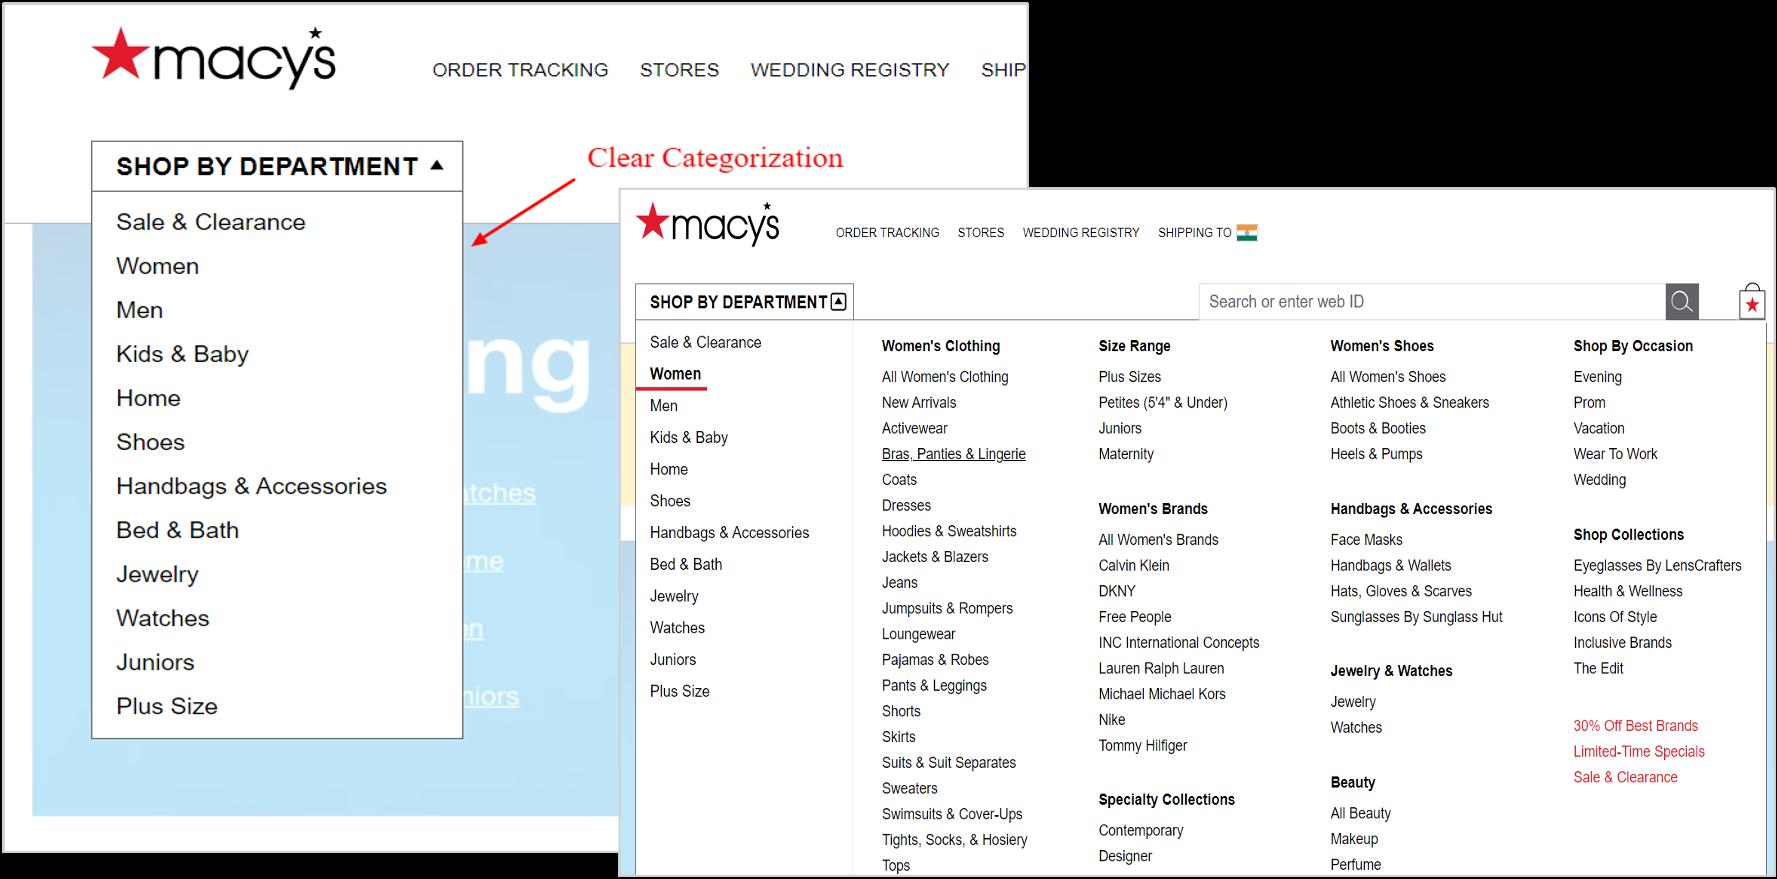 navigation menu on macys.com